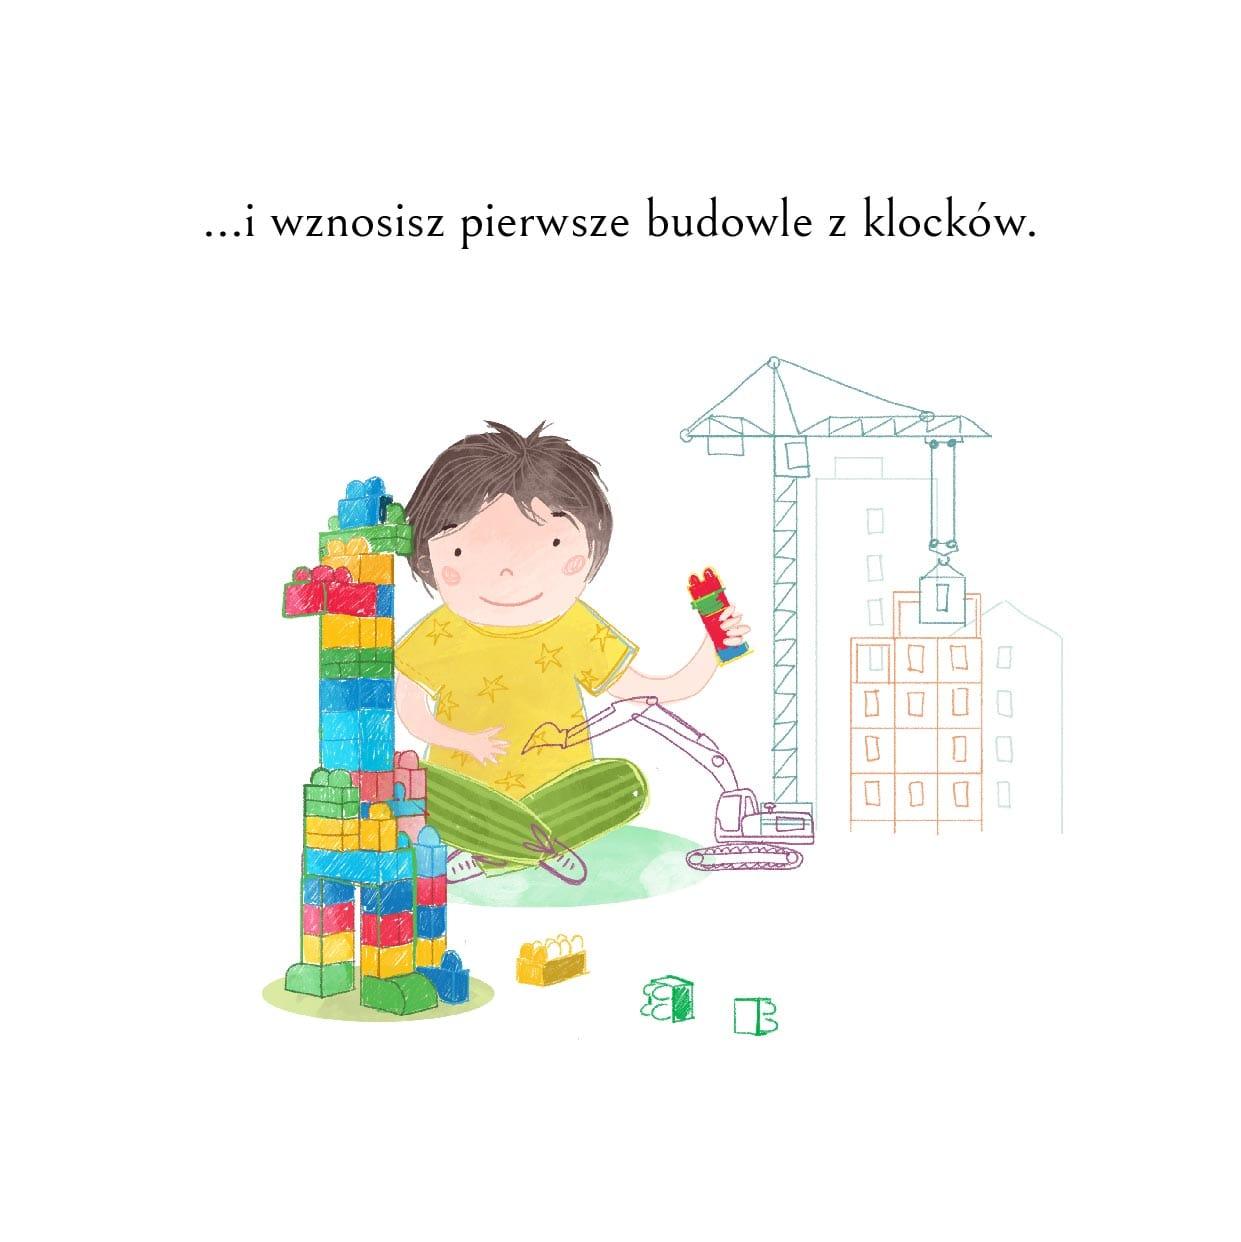 Bajka na dzień dziecka-fragment-drugi-chłopiec buduje z klocków lego